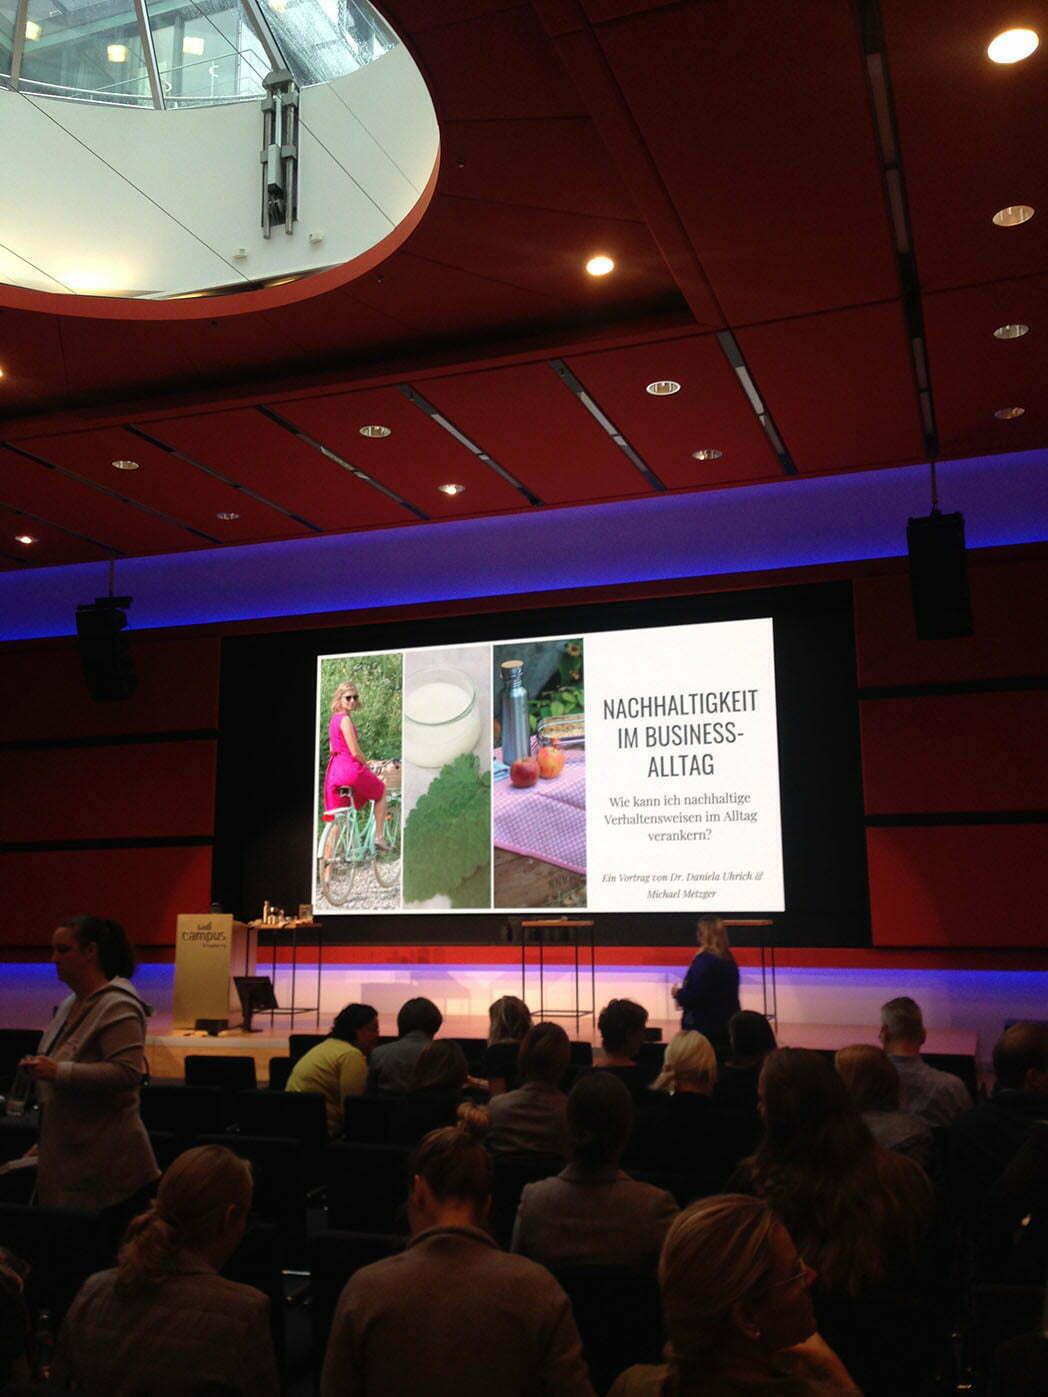 Vortrag über Nachhaltigkeit bei Accenture